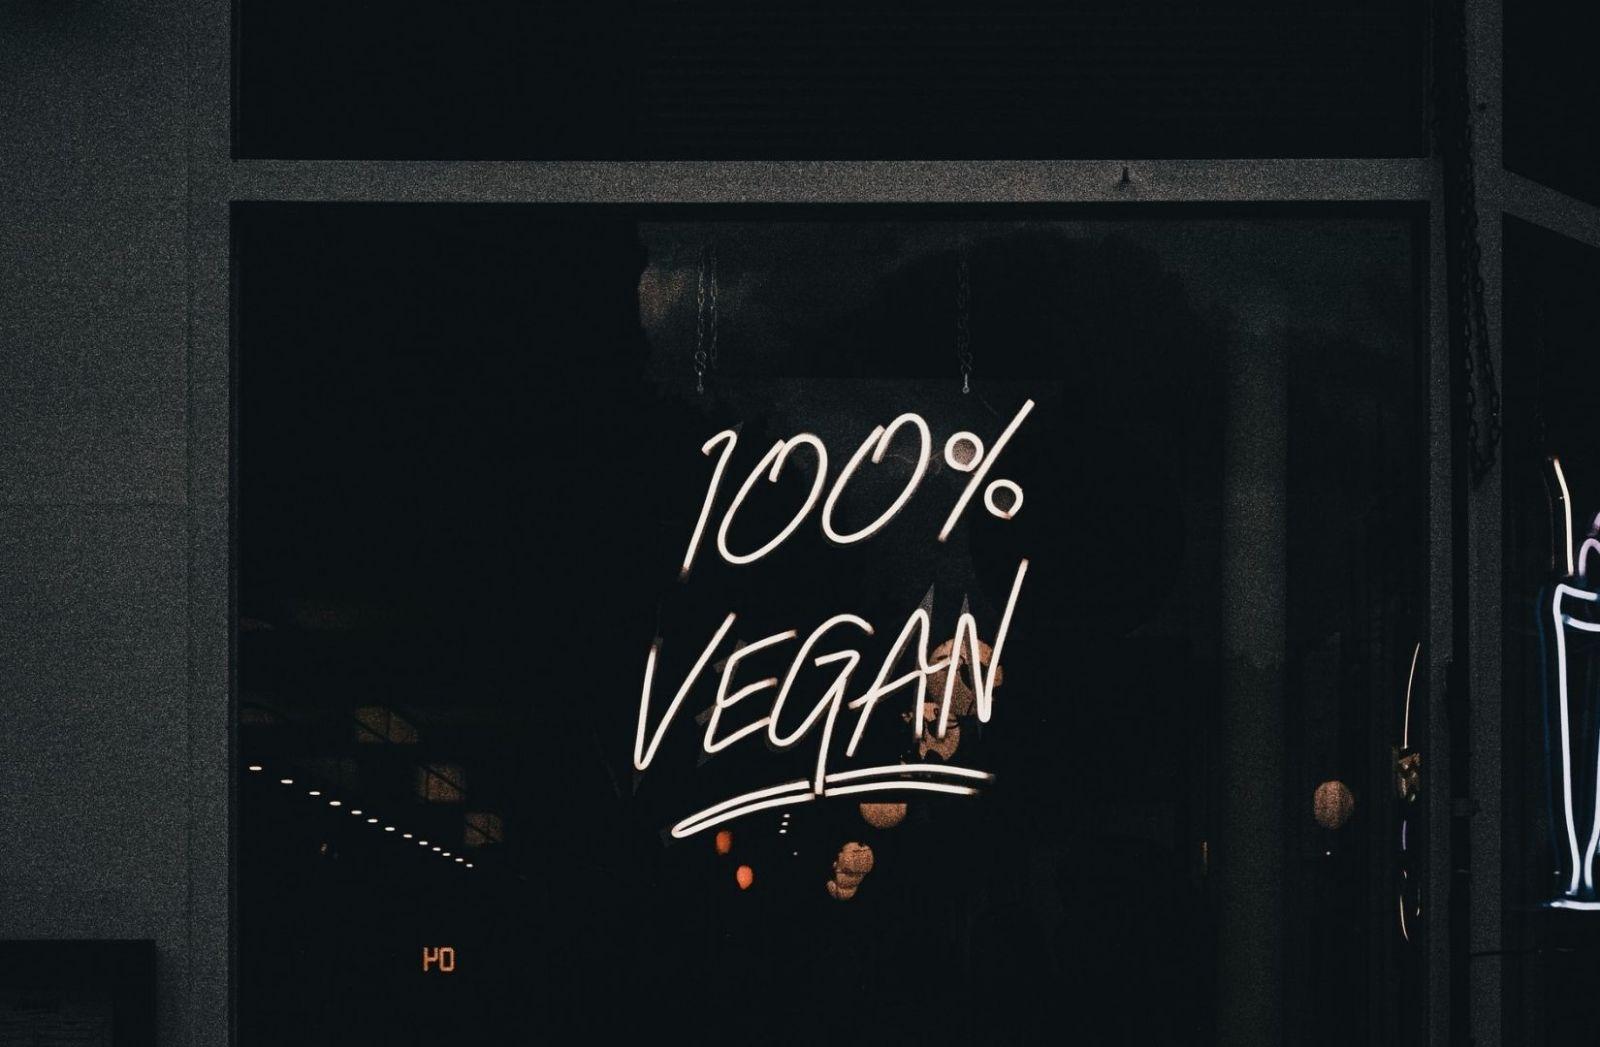 100 Prozent vegan. Aufschrift an einer Scheibe. (Foto: Samuel Regan Asante, Unsplash.com)